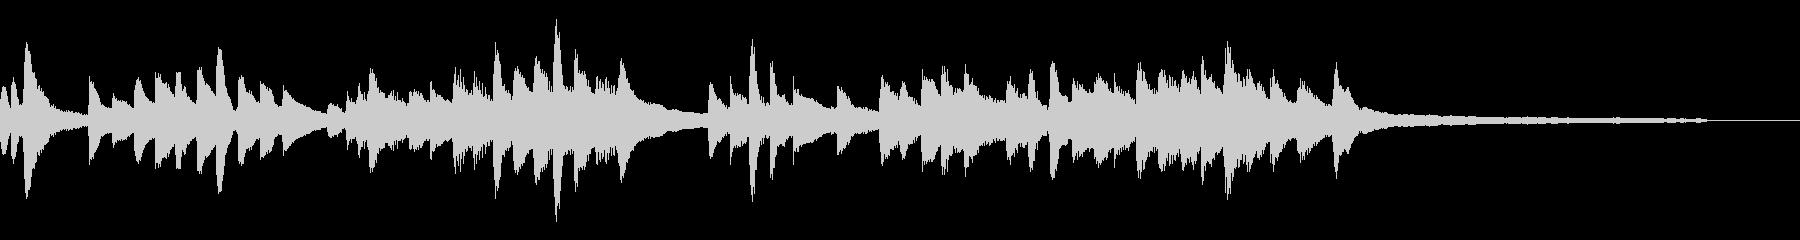 しっとりした平和なジングル39-ピアノの未再生の波形